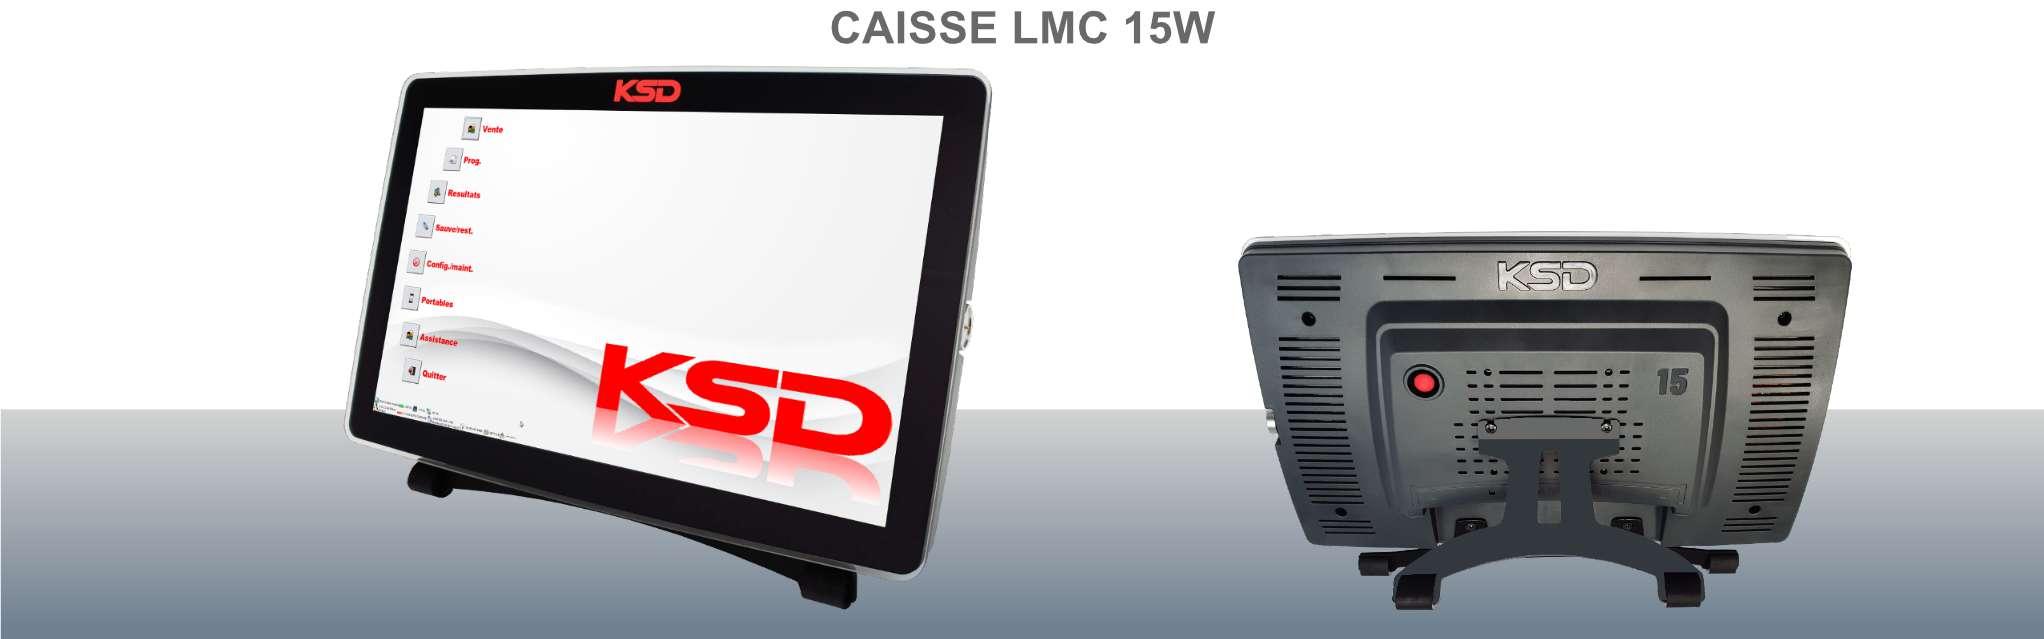 Caisse enregistreuse LMC 15W